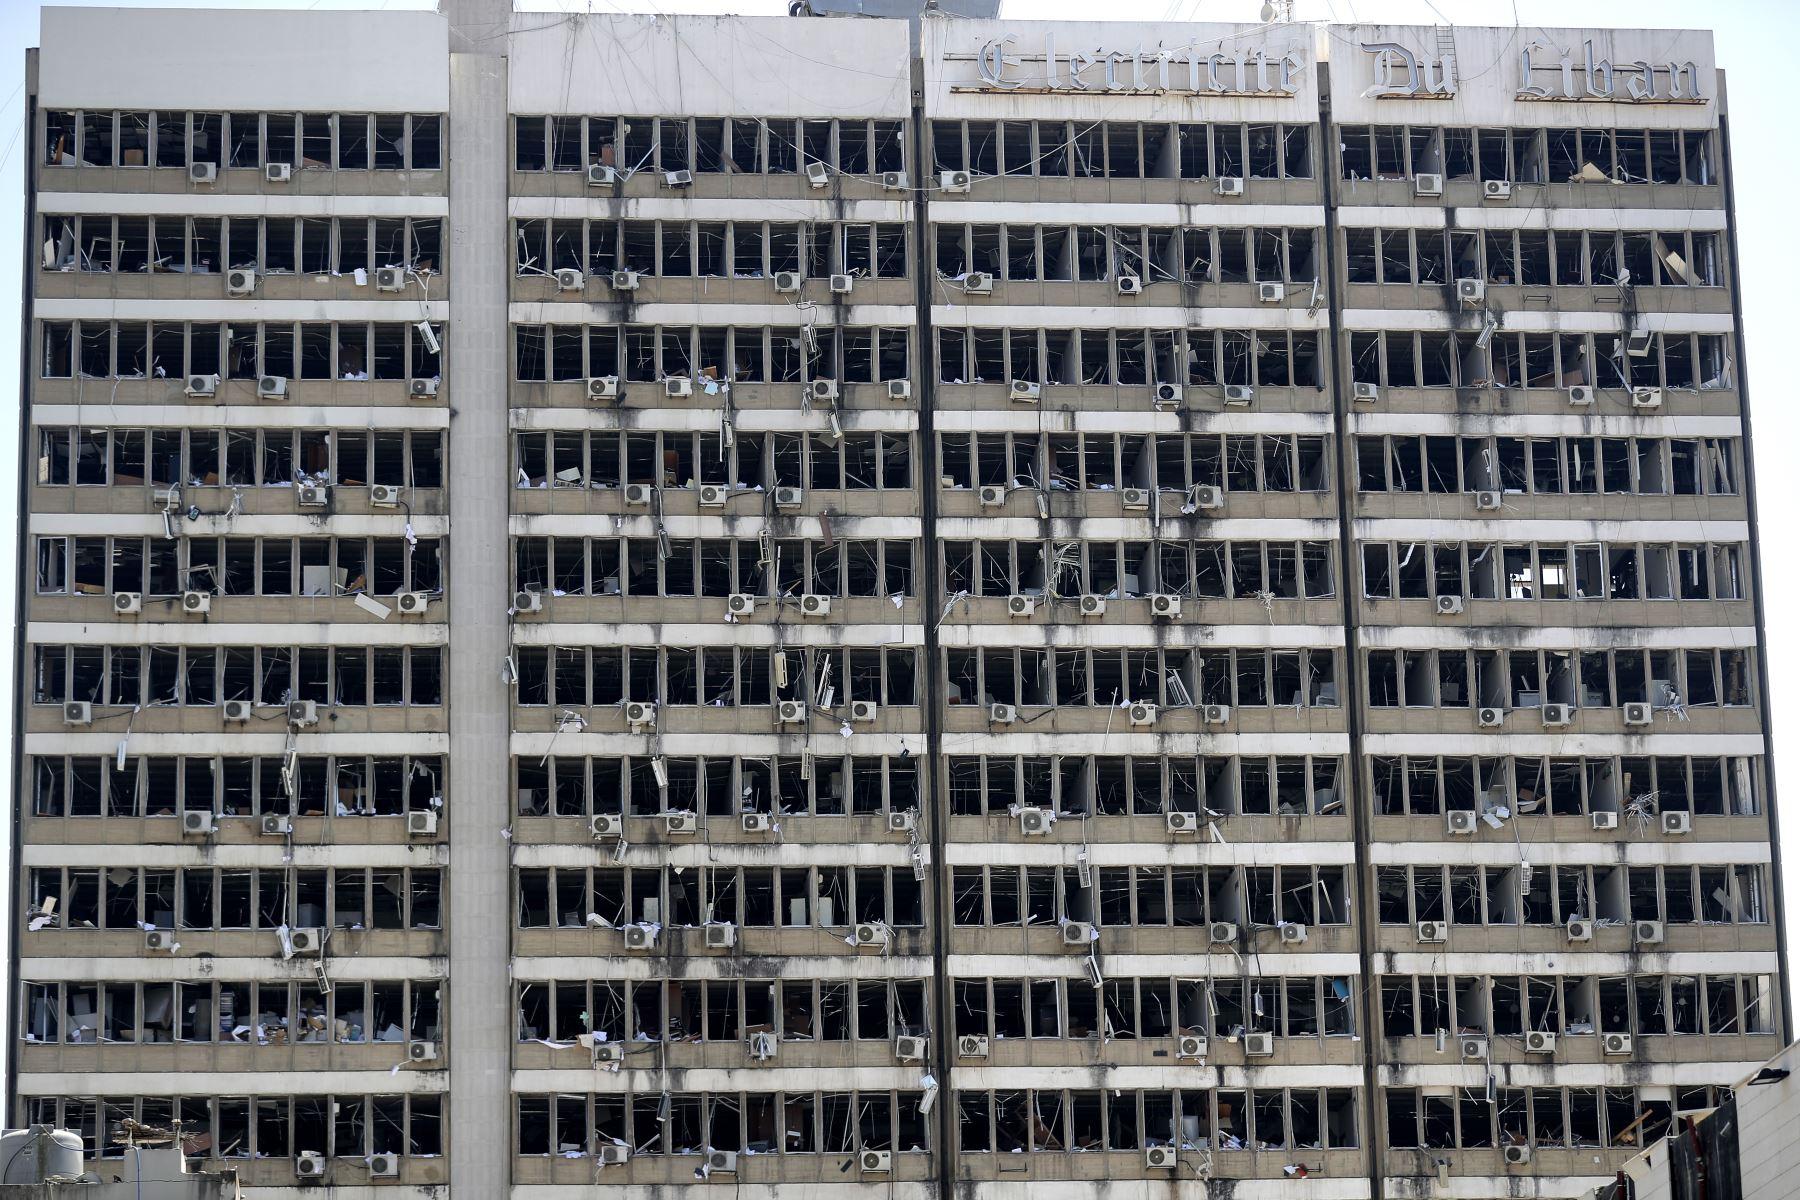 Enormes daños en el edificio de Electricidad del Líbano  como consecuencia de una explosión masiva en la capital libanesa de Beirut, en Líbano. Foto: AFP